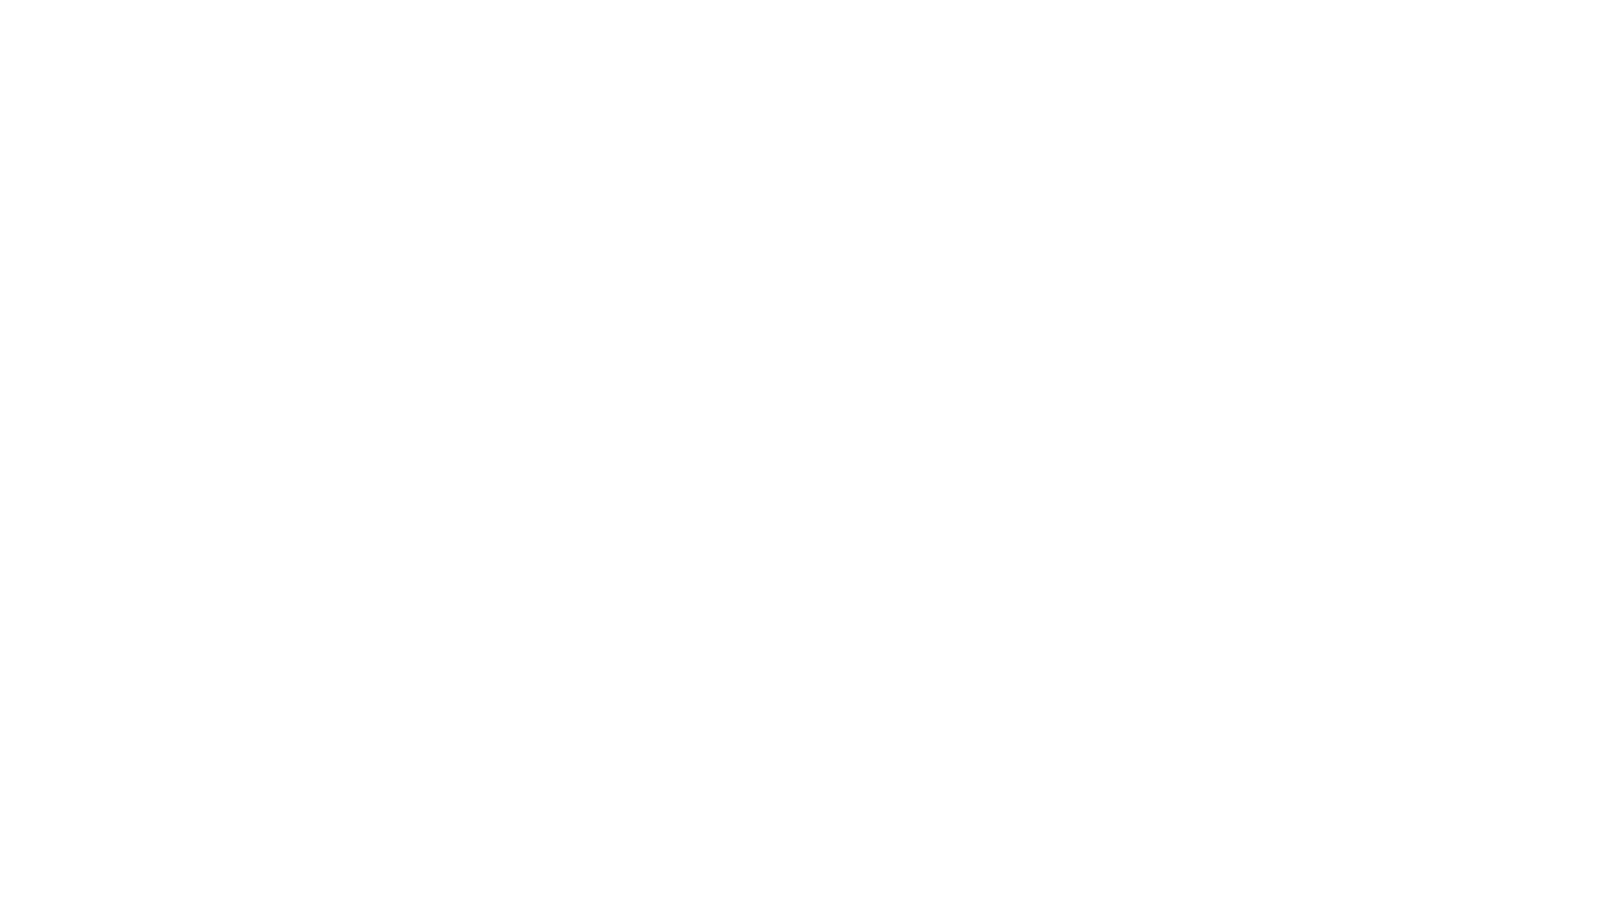 Aujourd'hui je vous emmène à Cognac en Charente pour découvrir un hôtel exceptionnel. Situé en plein coeur de la ville dans les anciens chais et entrepôts de la maison de cognac Monnet, cet hôtel 5 étoiles tout neuf est un véritable havre de paix et de lumière. Il abrite un bar, un spa, un rooftop avec une vue 360 sur la ville de Cognac, mais surtout le spectaculaire restaurant «les Foudres» du chef Marc-Antoine Lepage, ancien du Mirazur et du Cheval Blanc à Saint Barth, qui vient de décrocher son étoile Michelin cette année. Je vous invite également à partager avec moi une expérience exceptionnelle : la création du tout premier Cognac Ministry. of. FrenchFood avec la complicité de la maison Camus.  Attention, l'abus d'alcool est dangereux pour la santé. Le Cognac est à consommer avec modération (et fumer tue).  Site web Hôtel Chais Monnet : https://www.chaismonnethotel.com/  Site web Maison Camus https://camus.fr/